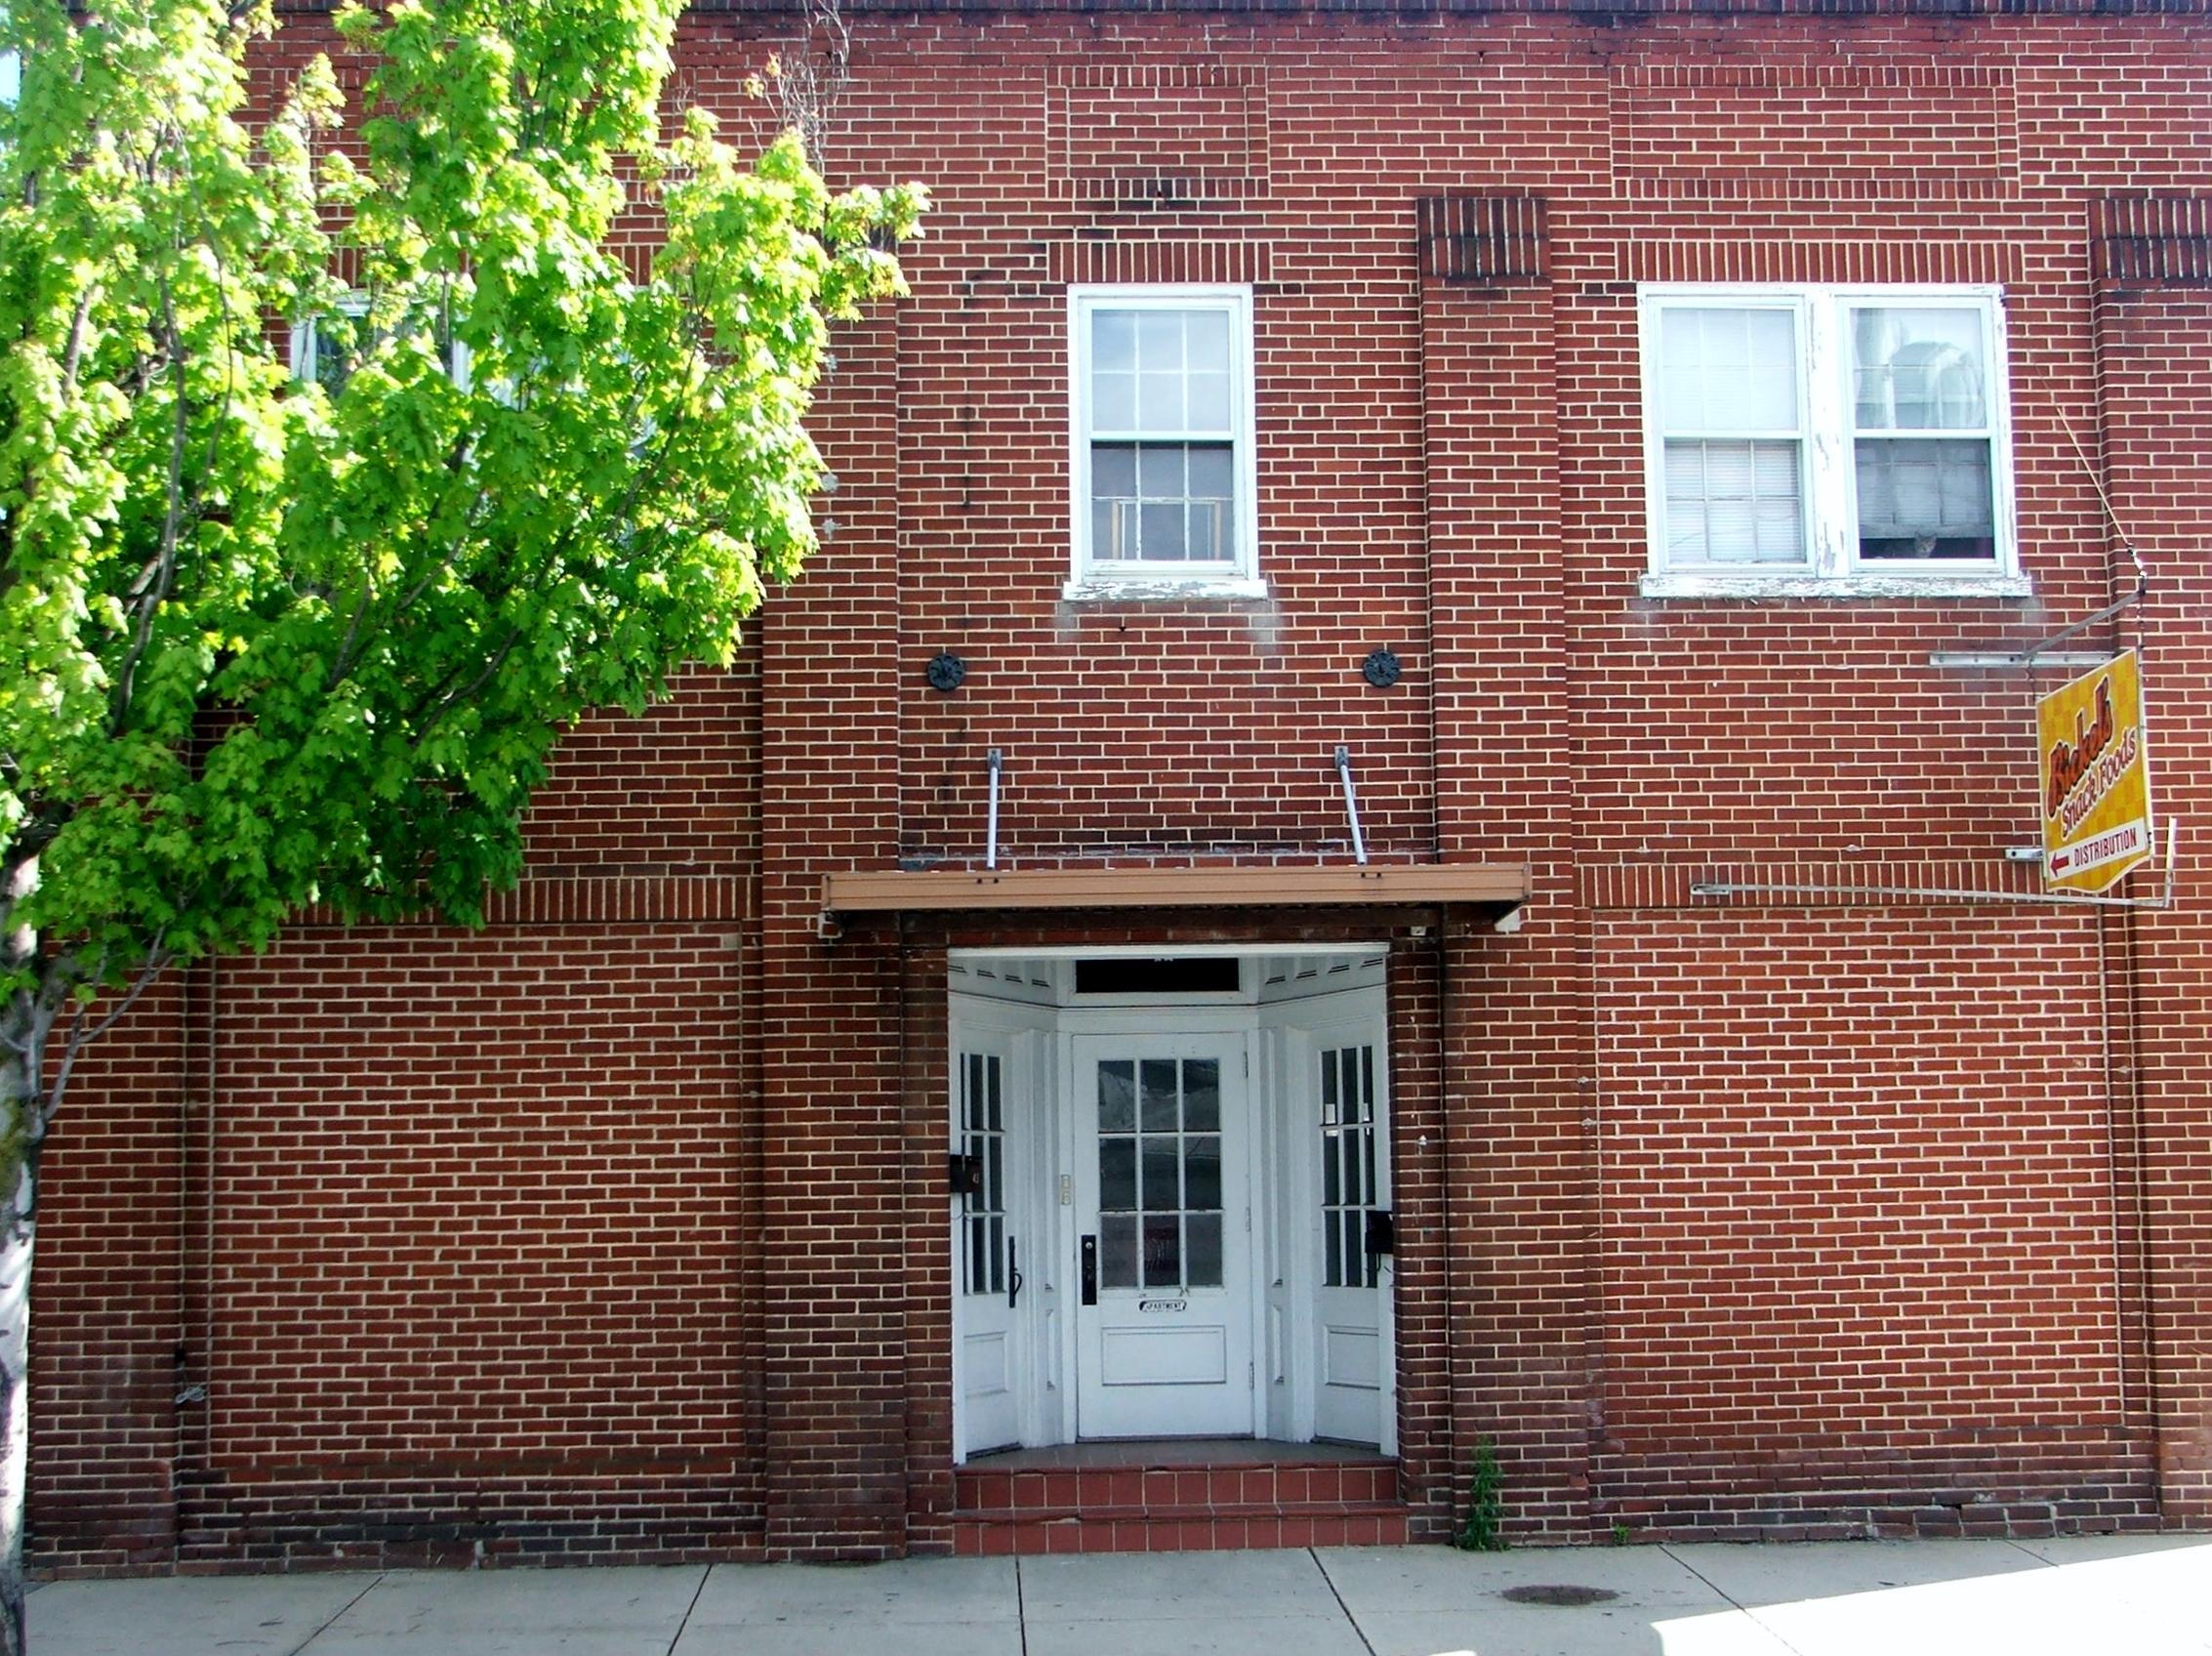 Additional photo for property listing at 51 MAIN STREET 51 MAIN STREET Manheim, Pennsylvania 17545 Estados Unidos